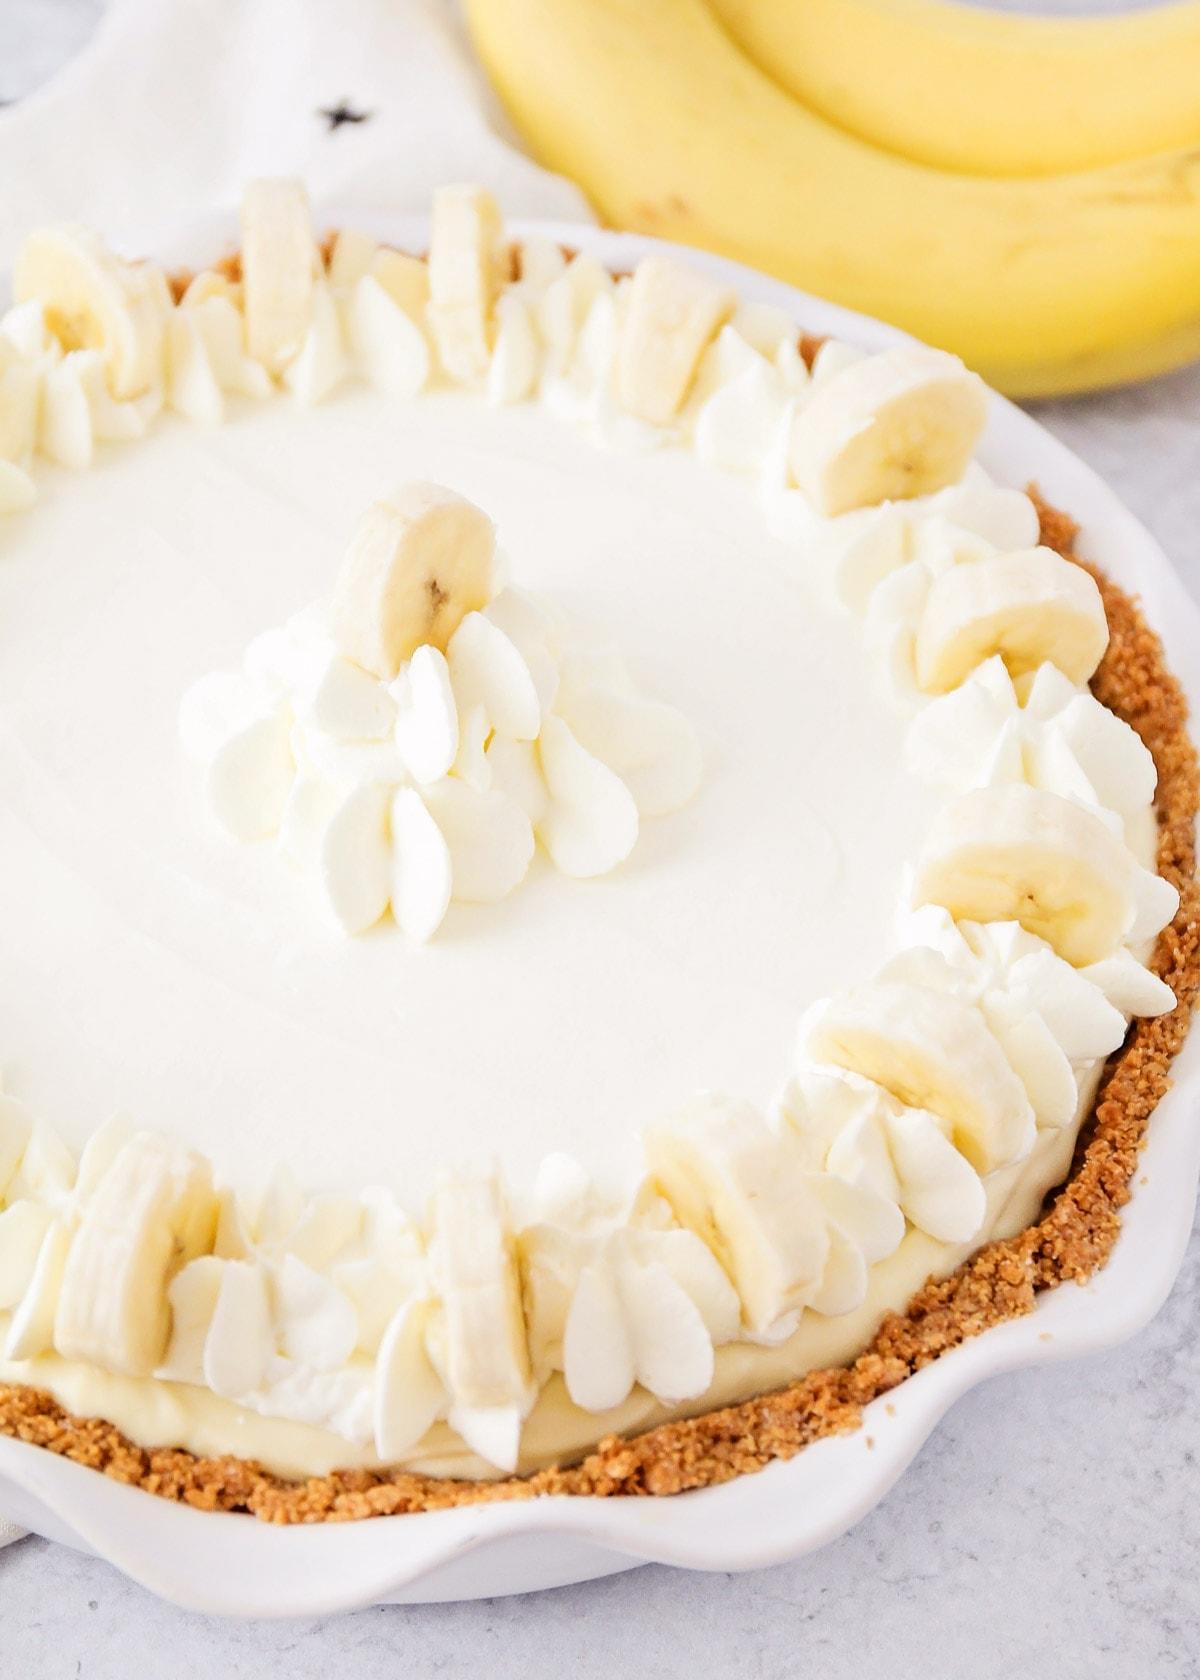 Banana pudding cheesecake recipe close up